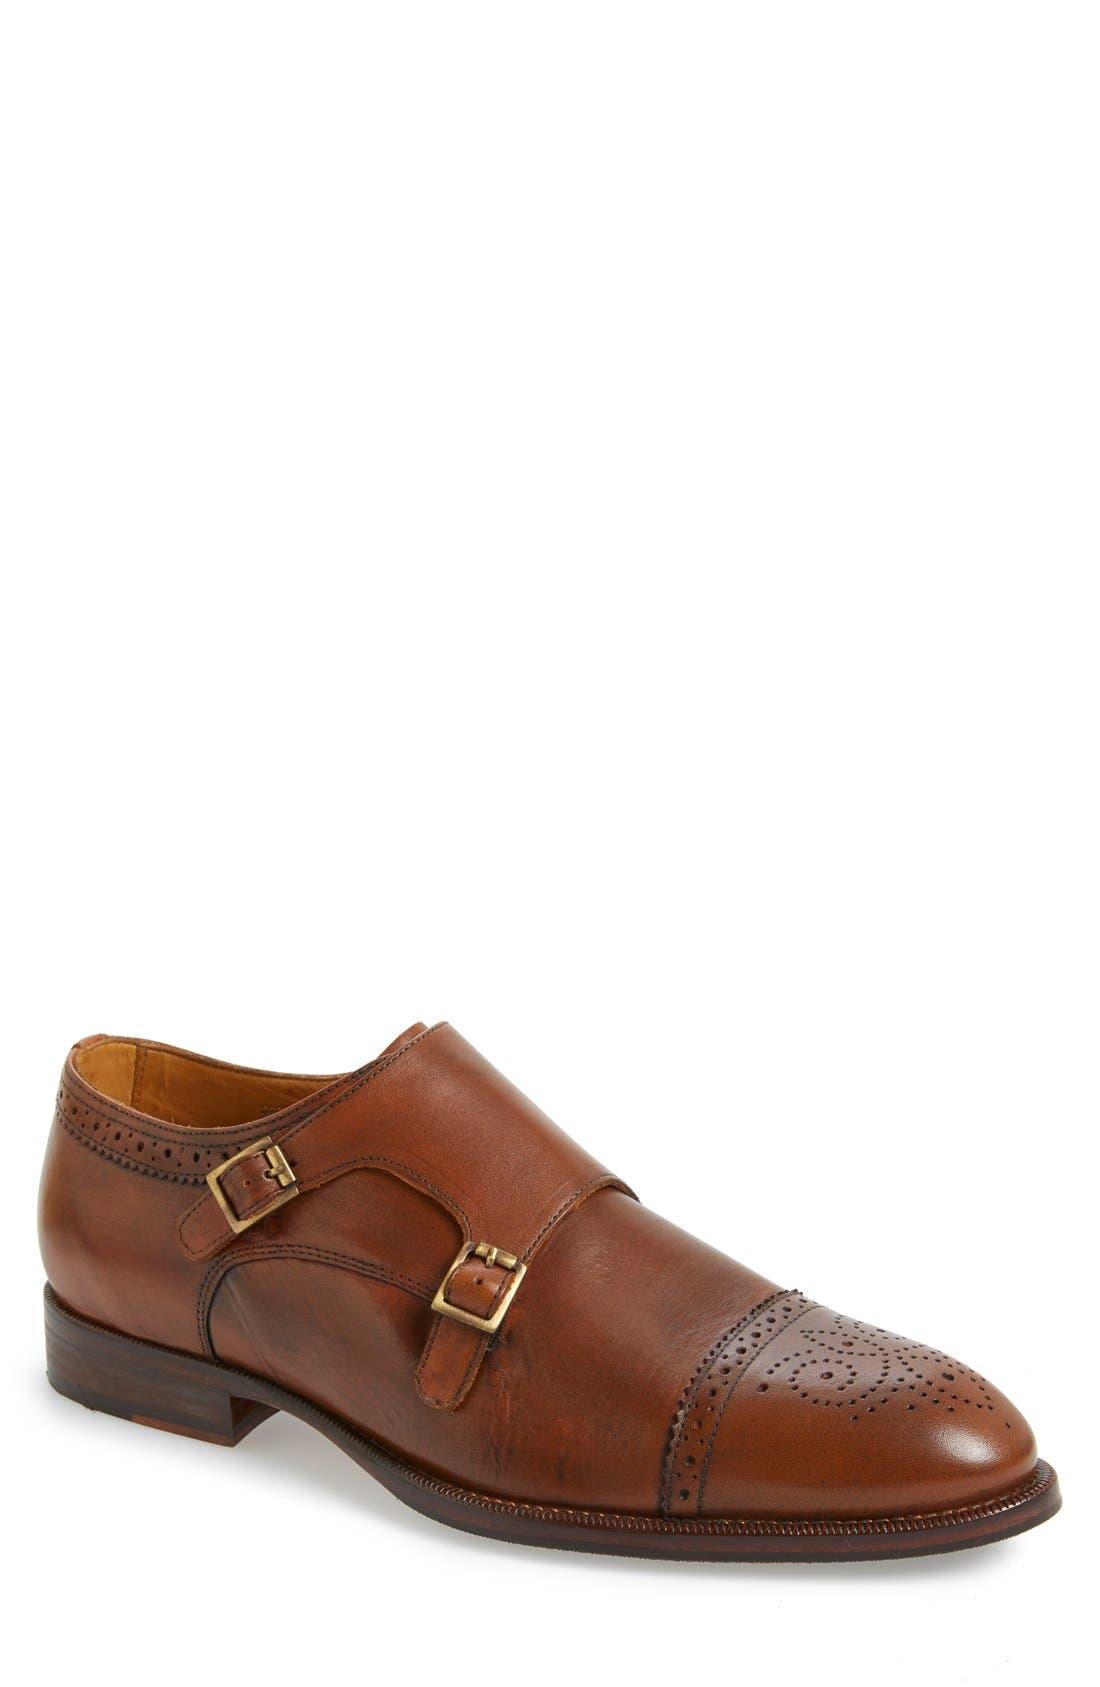 'Briant' Double Monk Strap Shoe,                             Main thumbnail 1, color,                             Cognac Leather